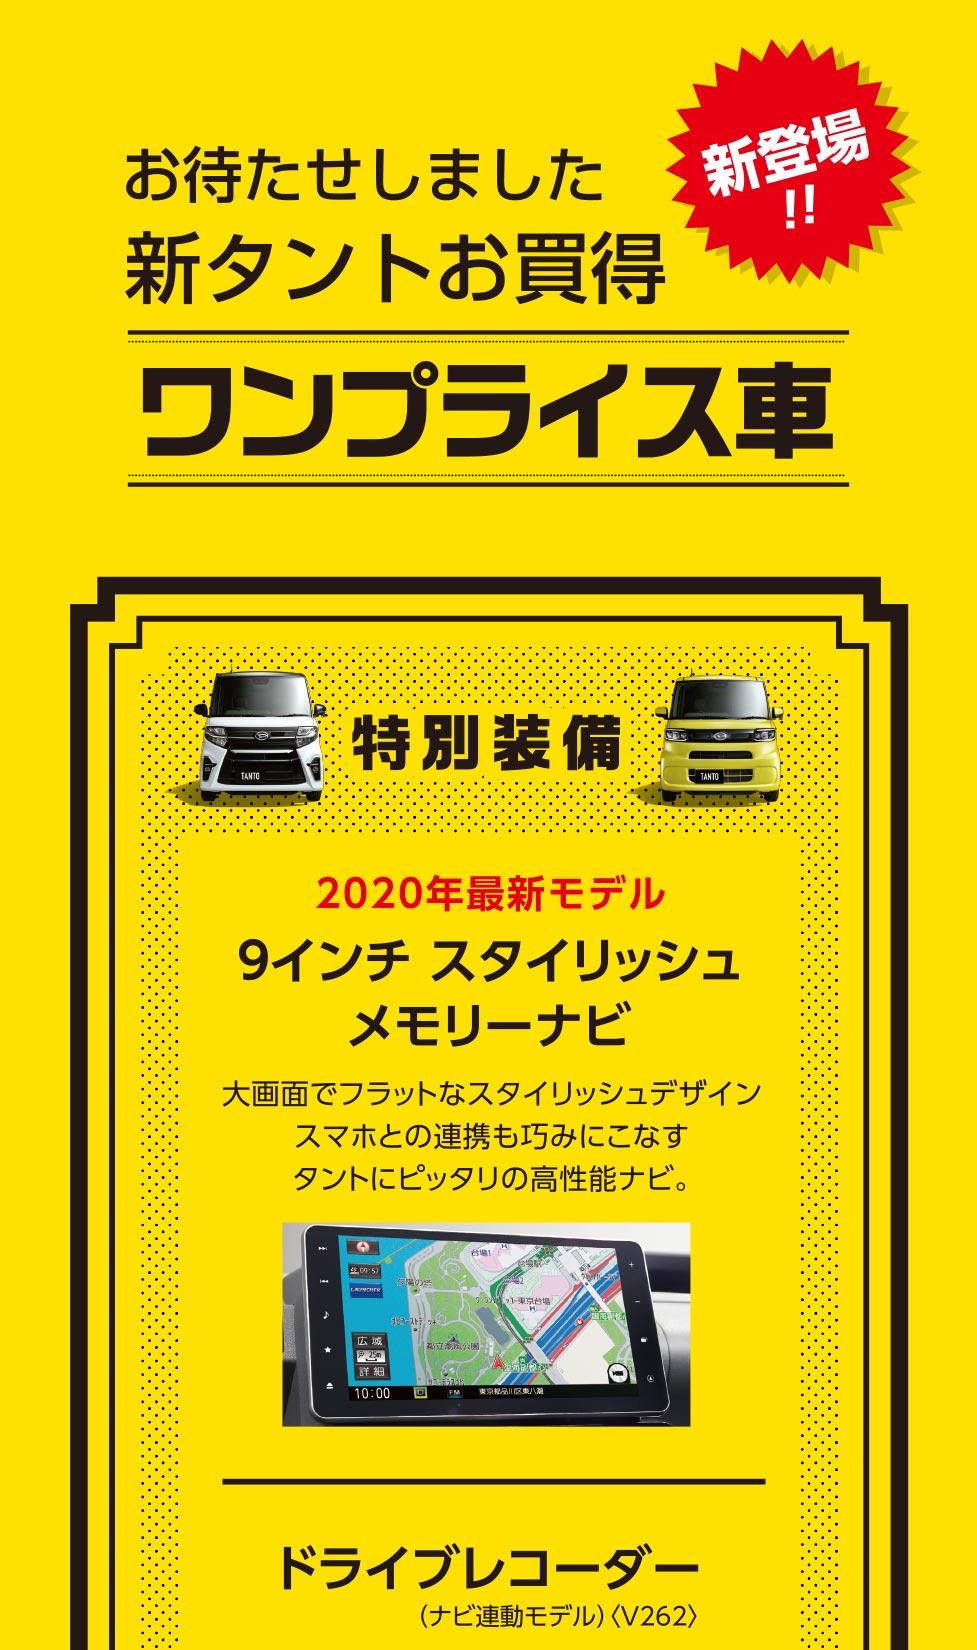 新タントお買得ワンプライス車新登場!!